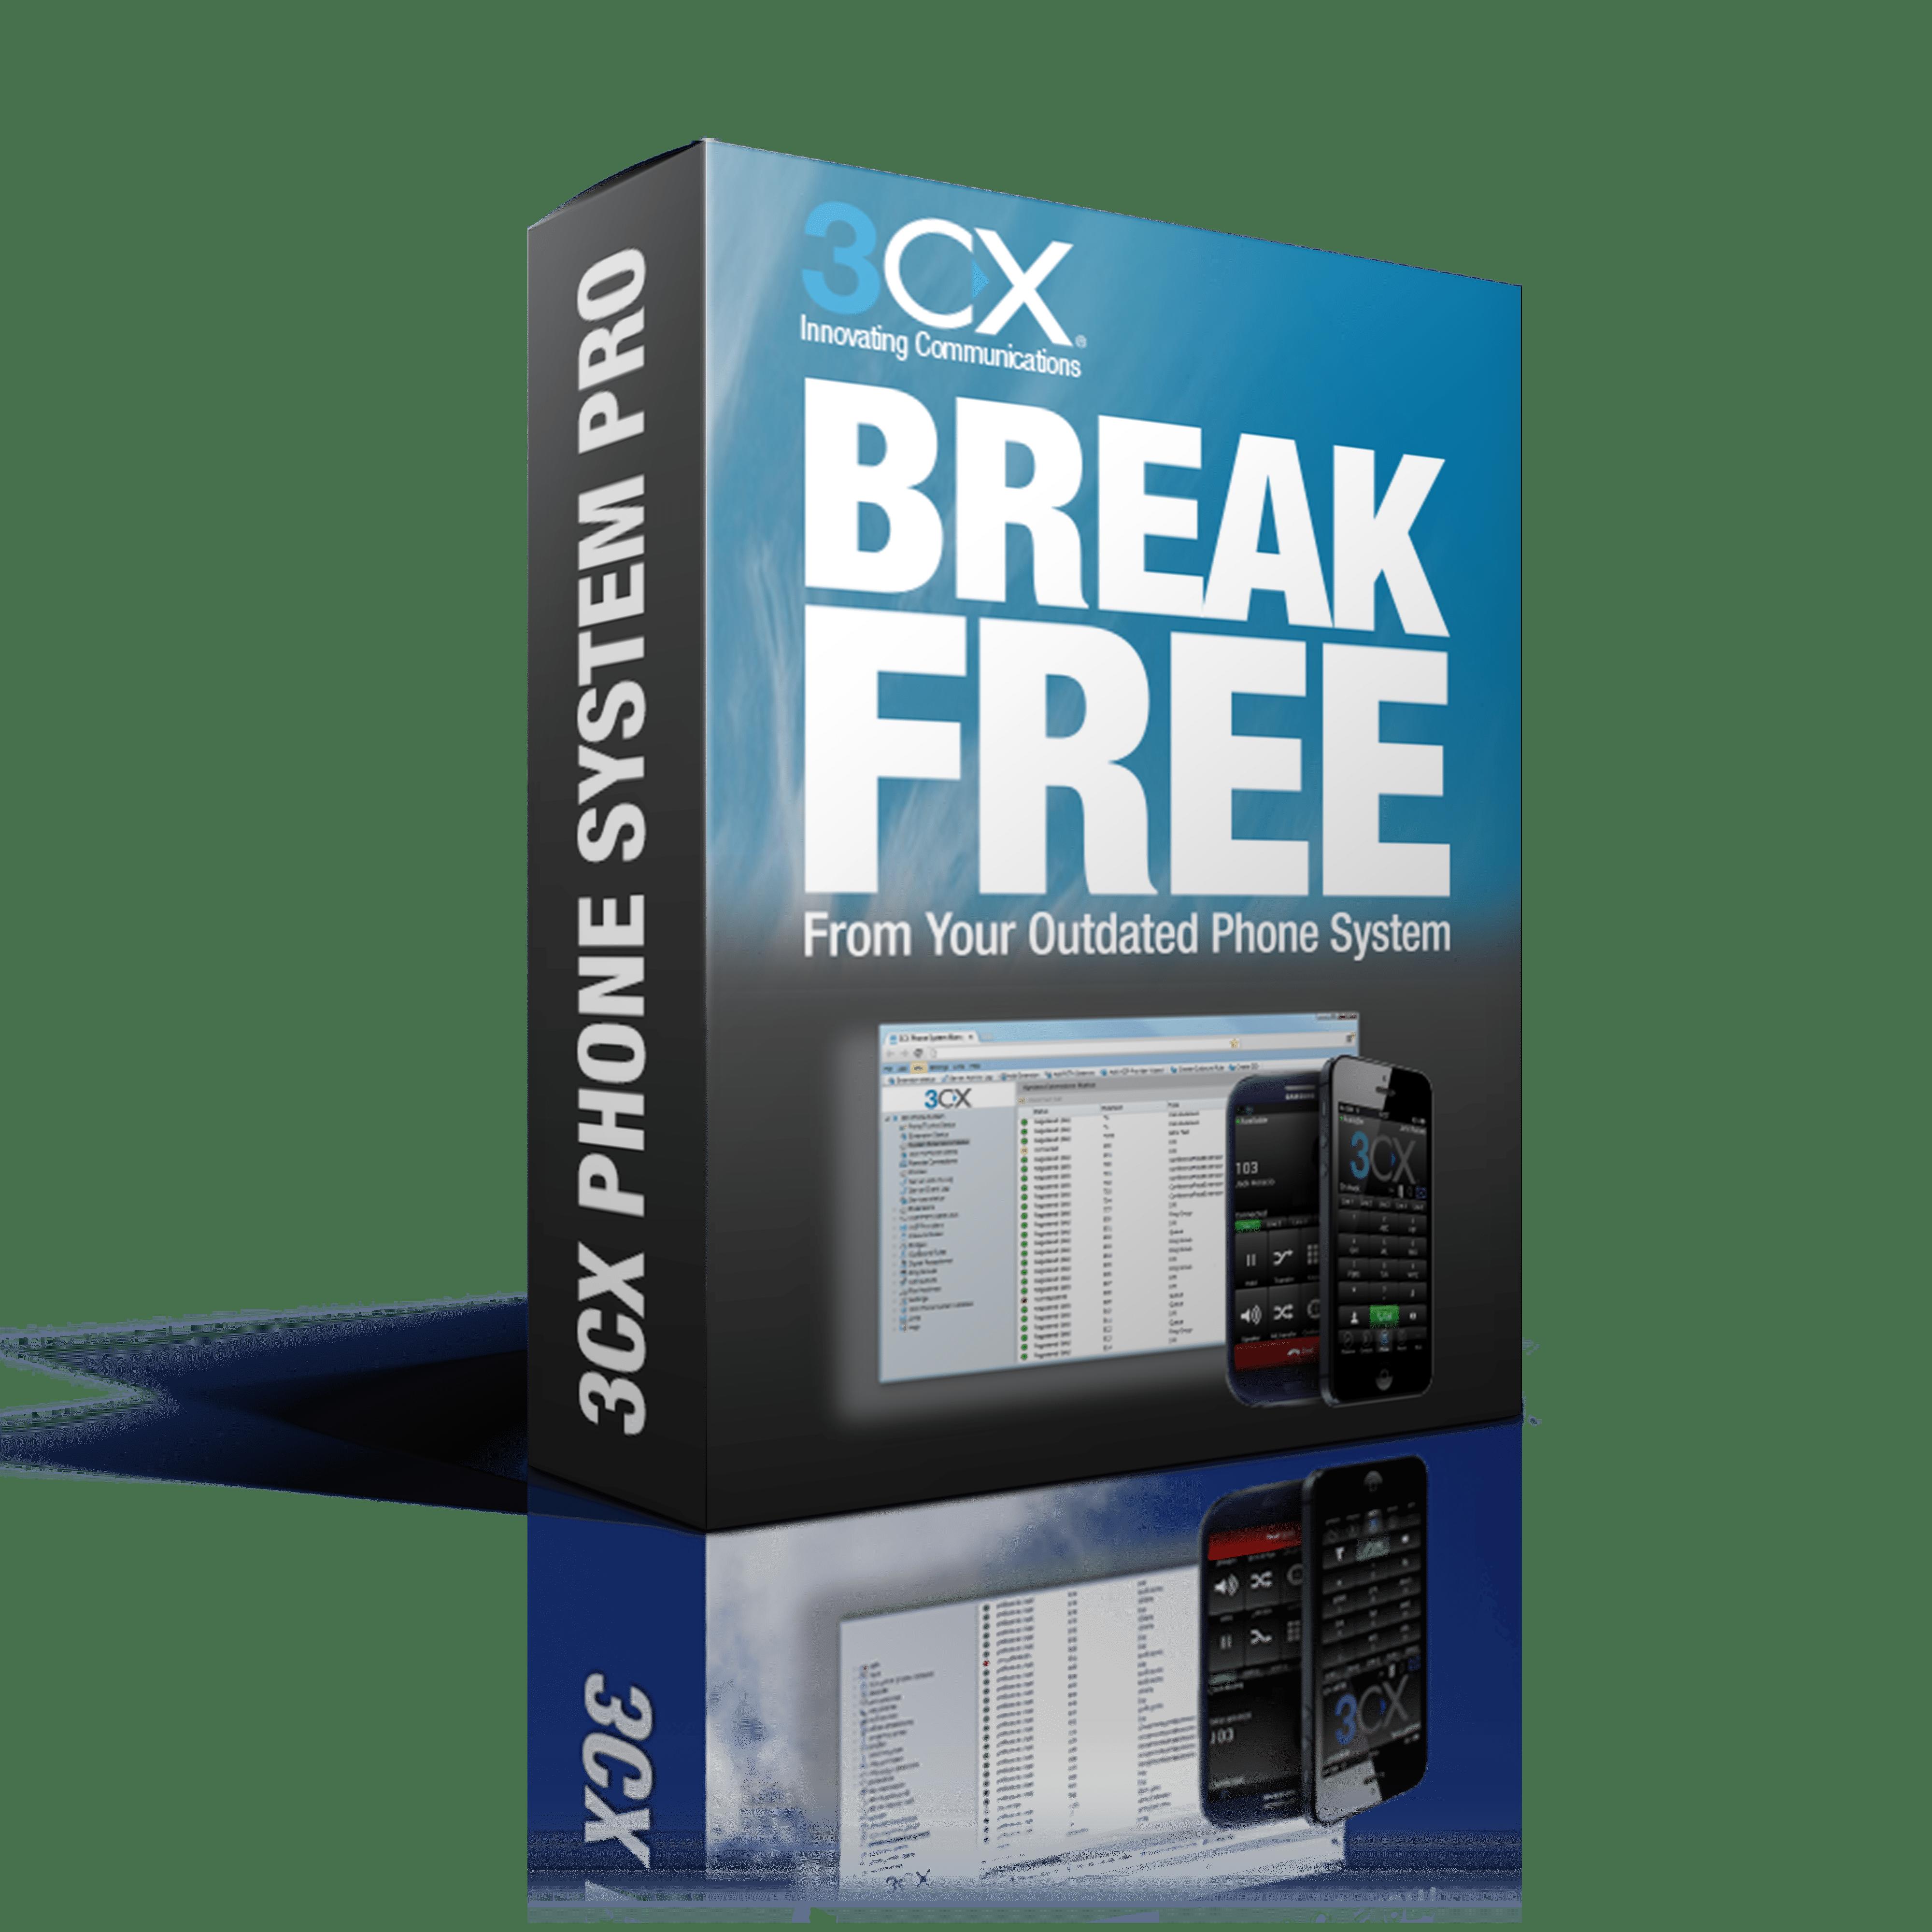 Erweiterung unseres Portfolios um die Telefonanlagen Software 3CX